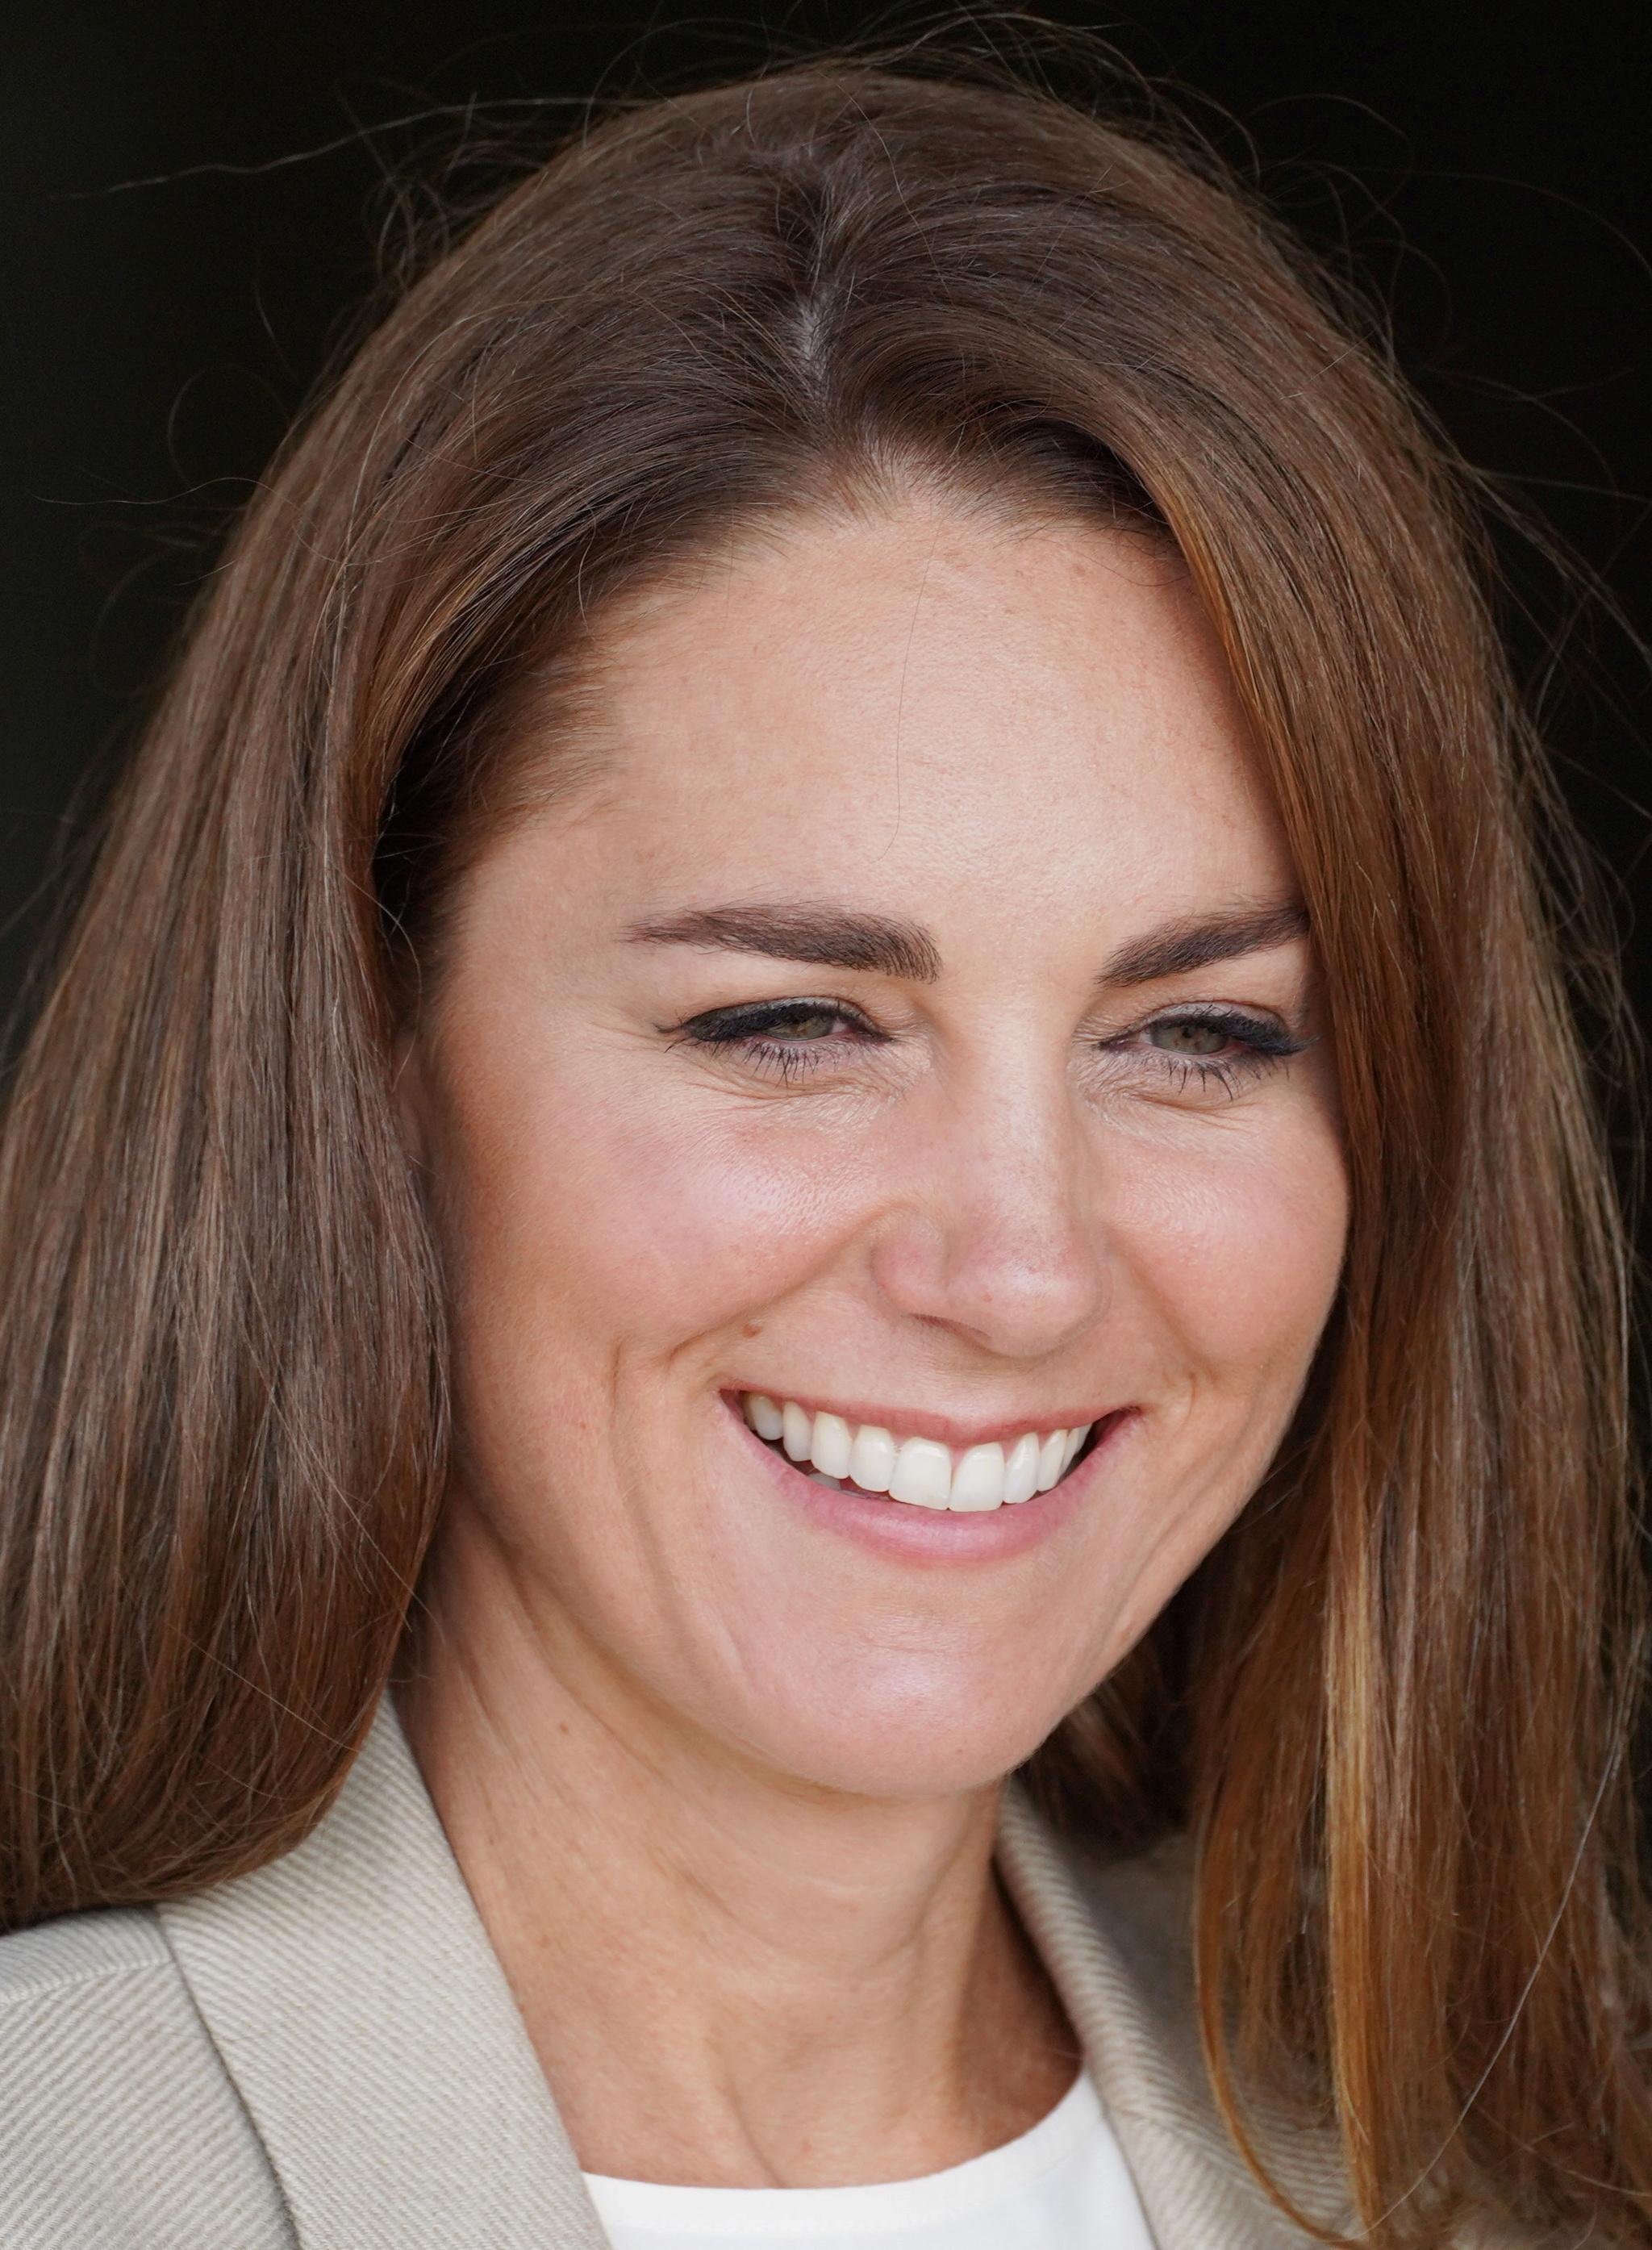 A mediados de septiembre, Kate Middleton lució unas cejas más cortas y pulidas que le restaban expresión a su mirada.